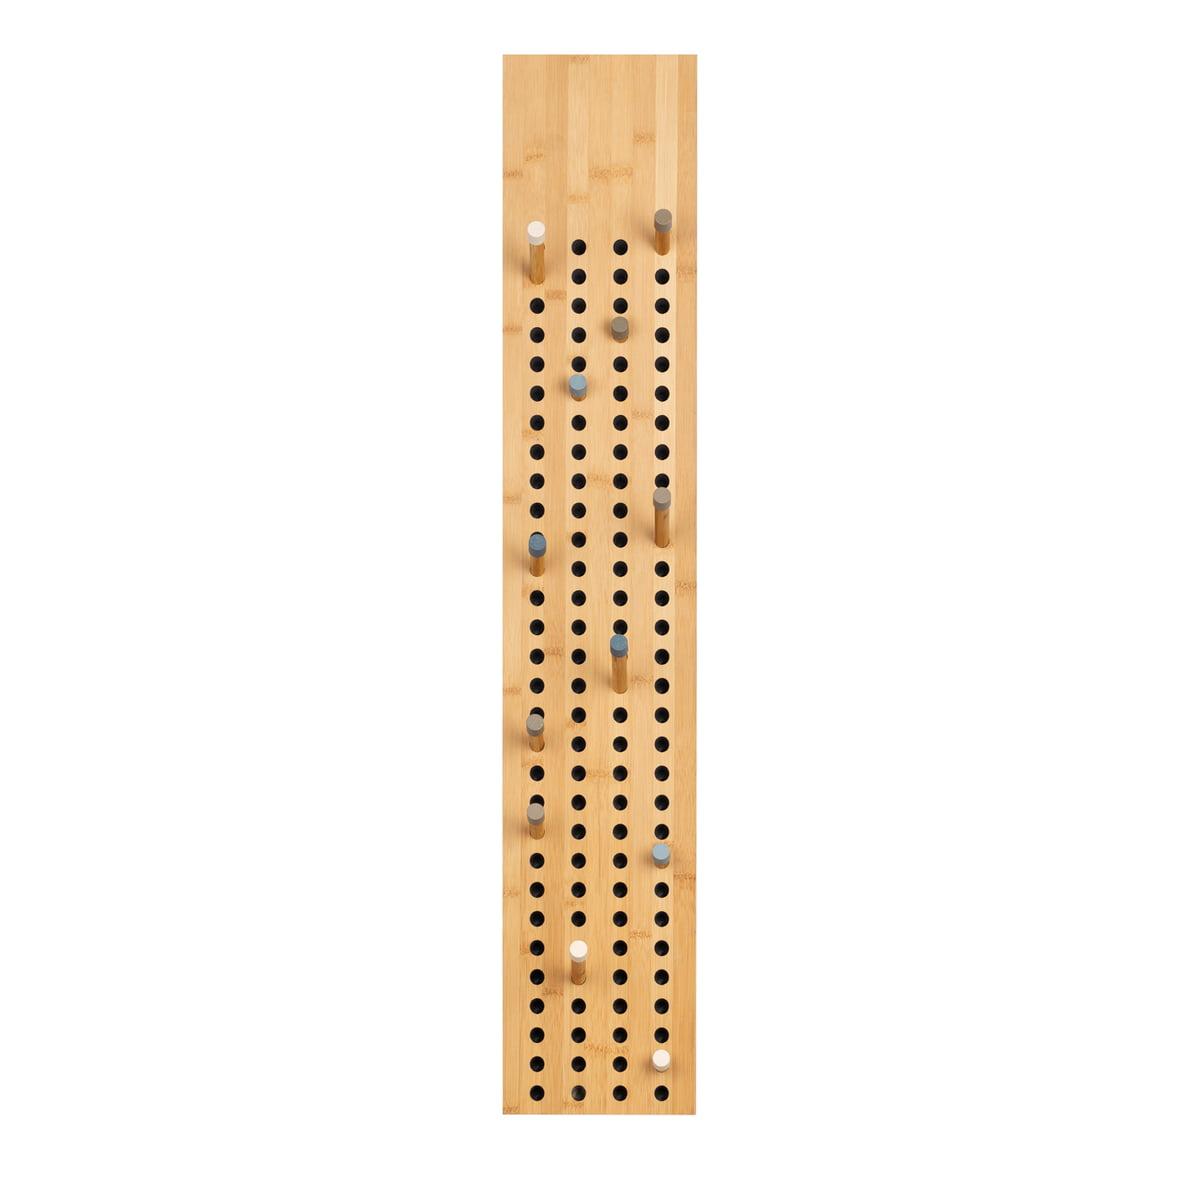 Tolle Bambus Mobel Produkte Nachhaltigkeit Galerie - Die besten ...